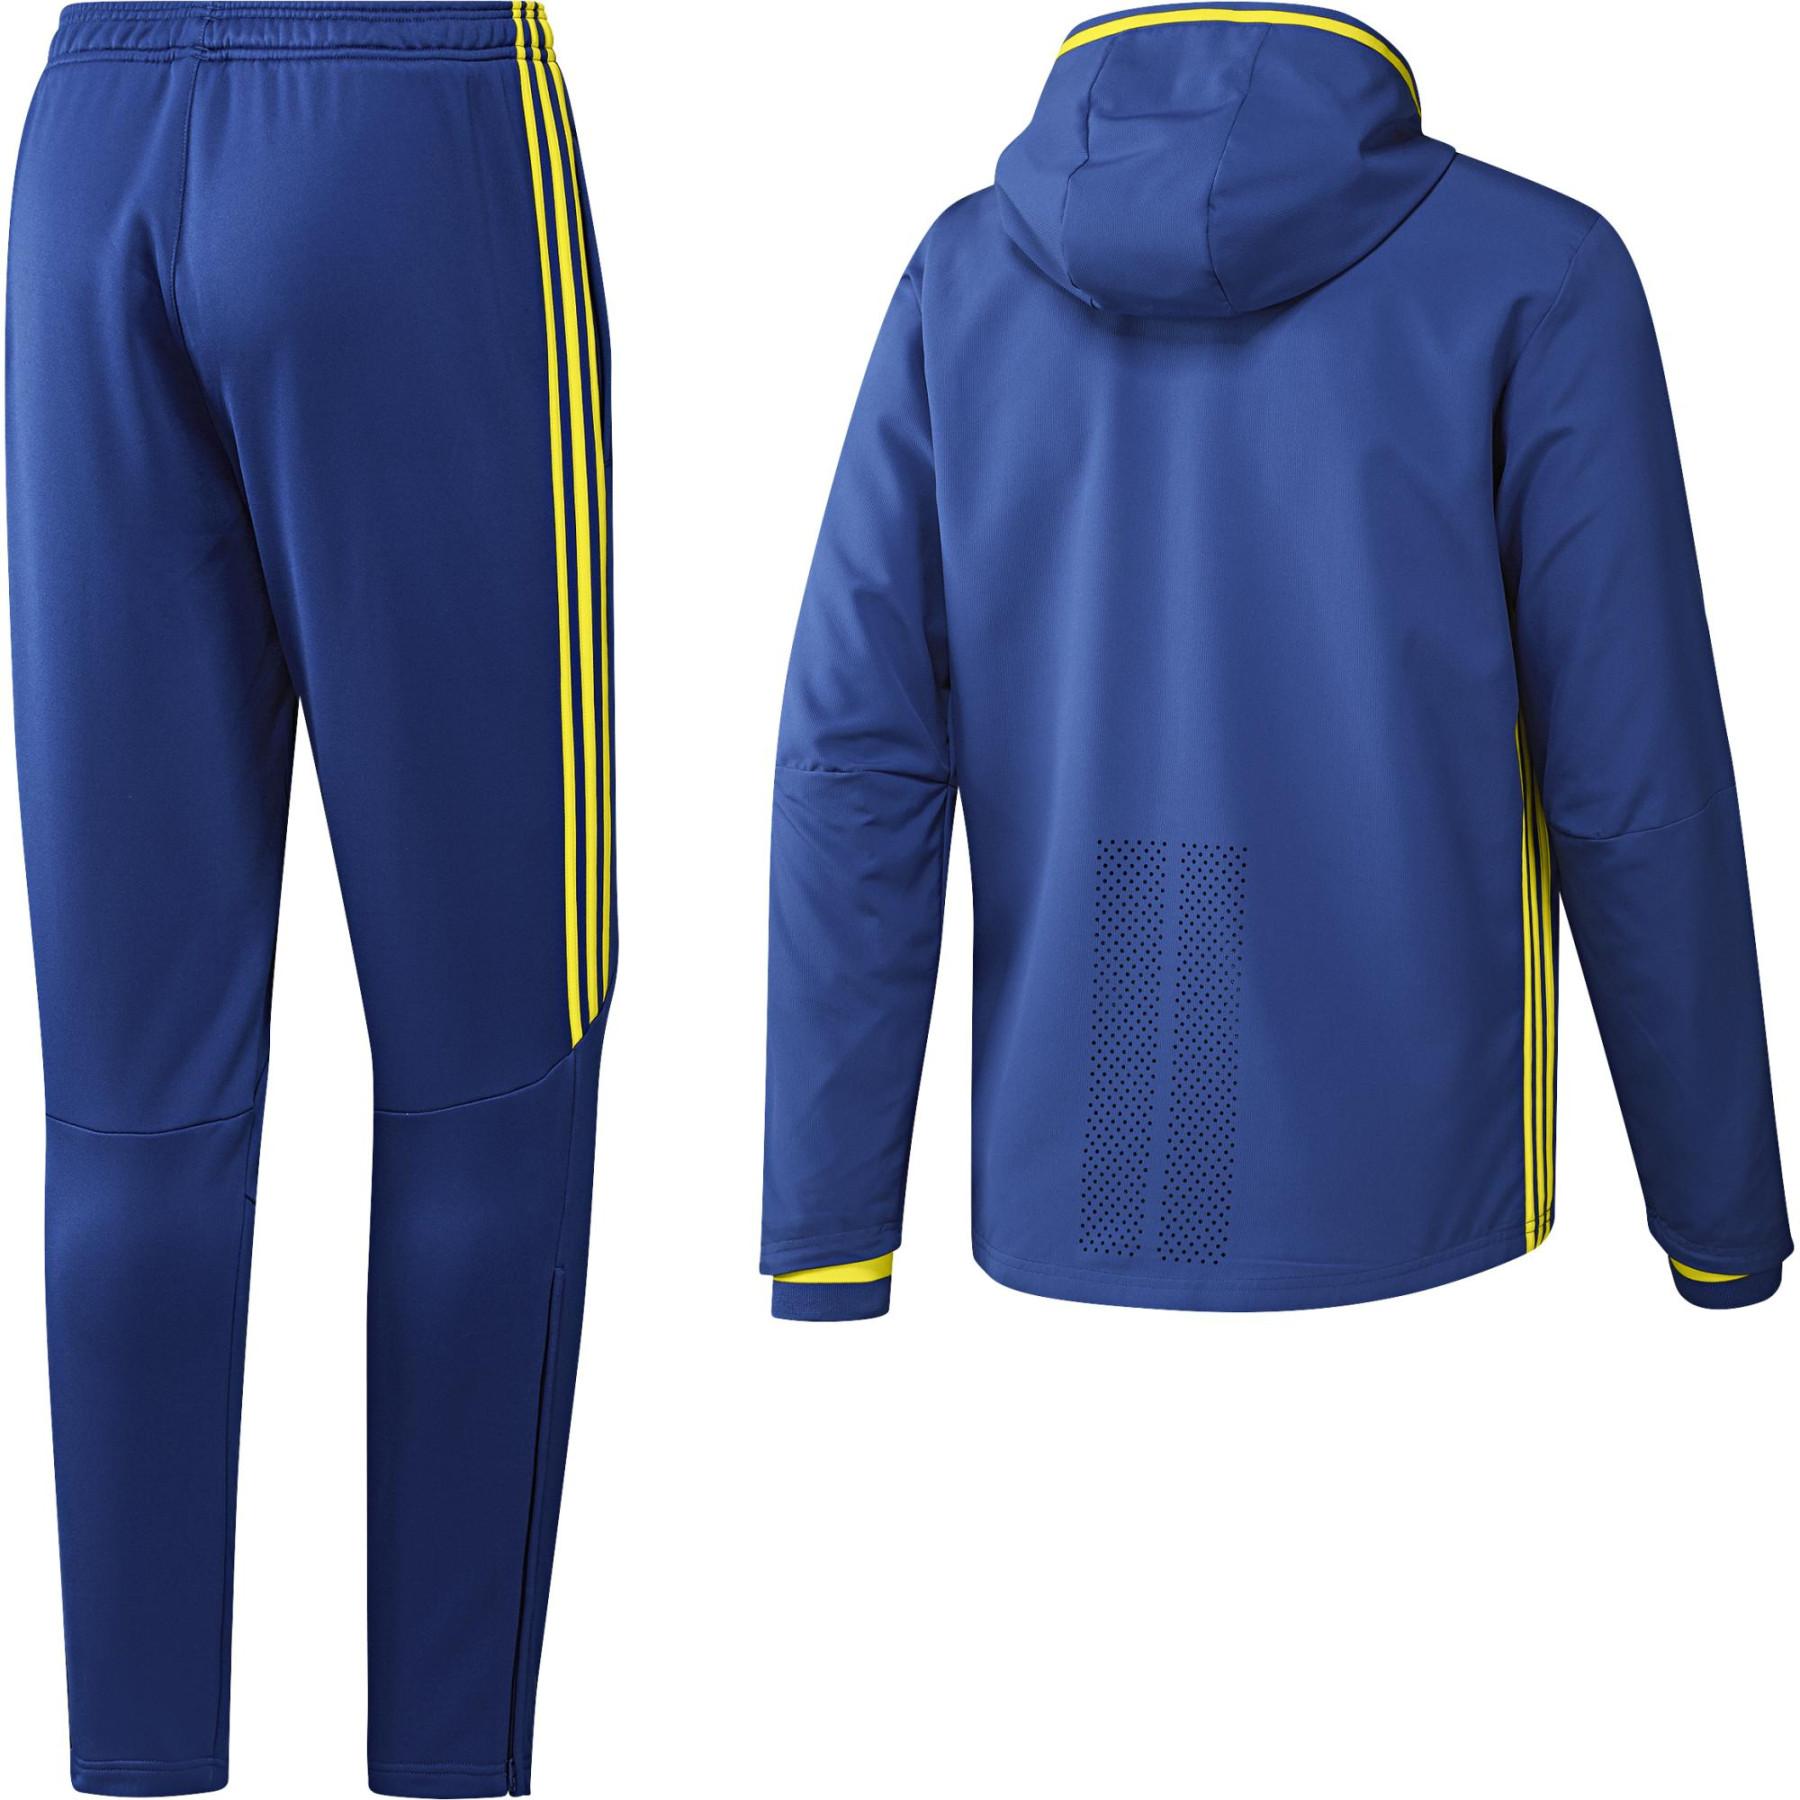 Adidas 2016 Bleu